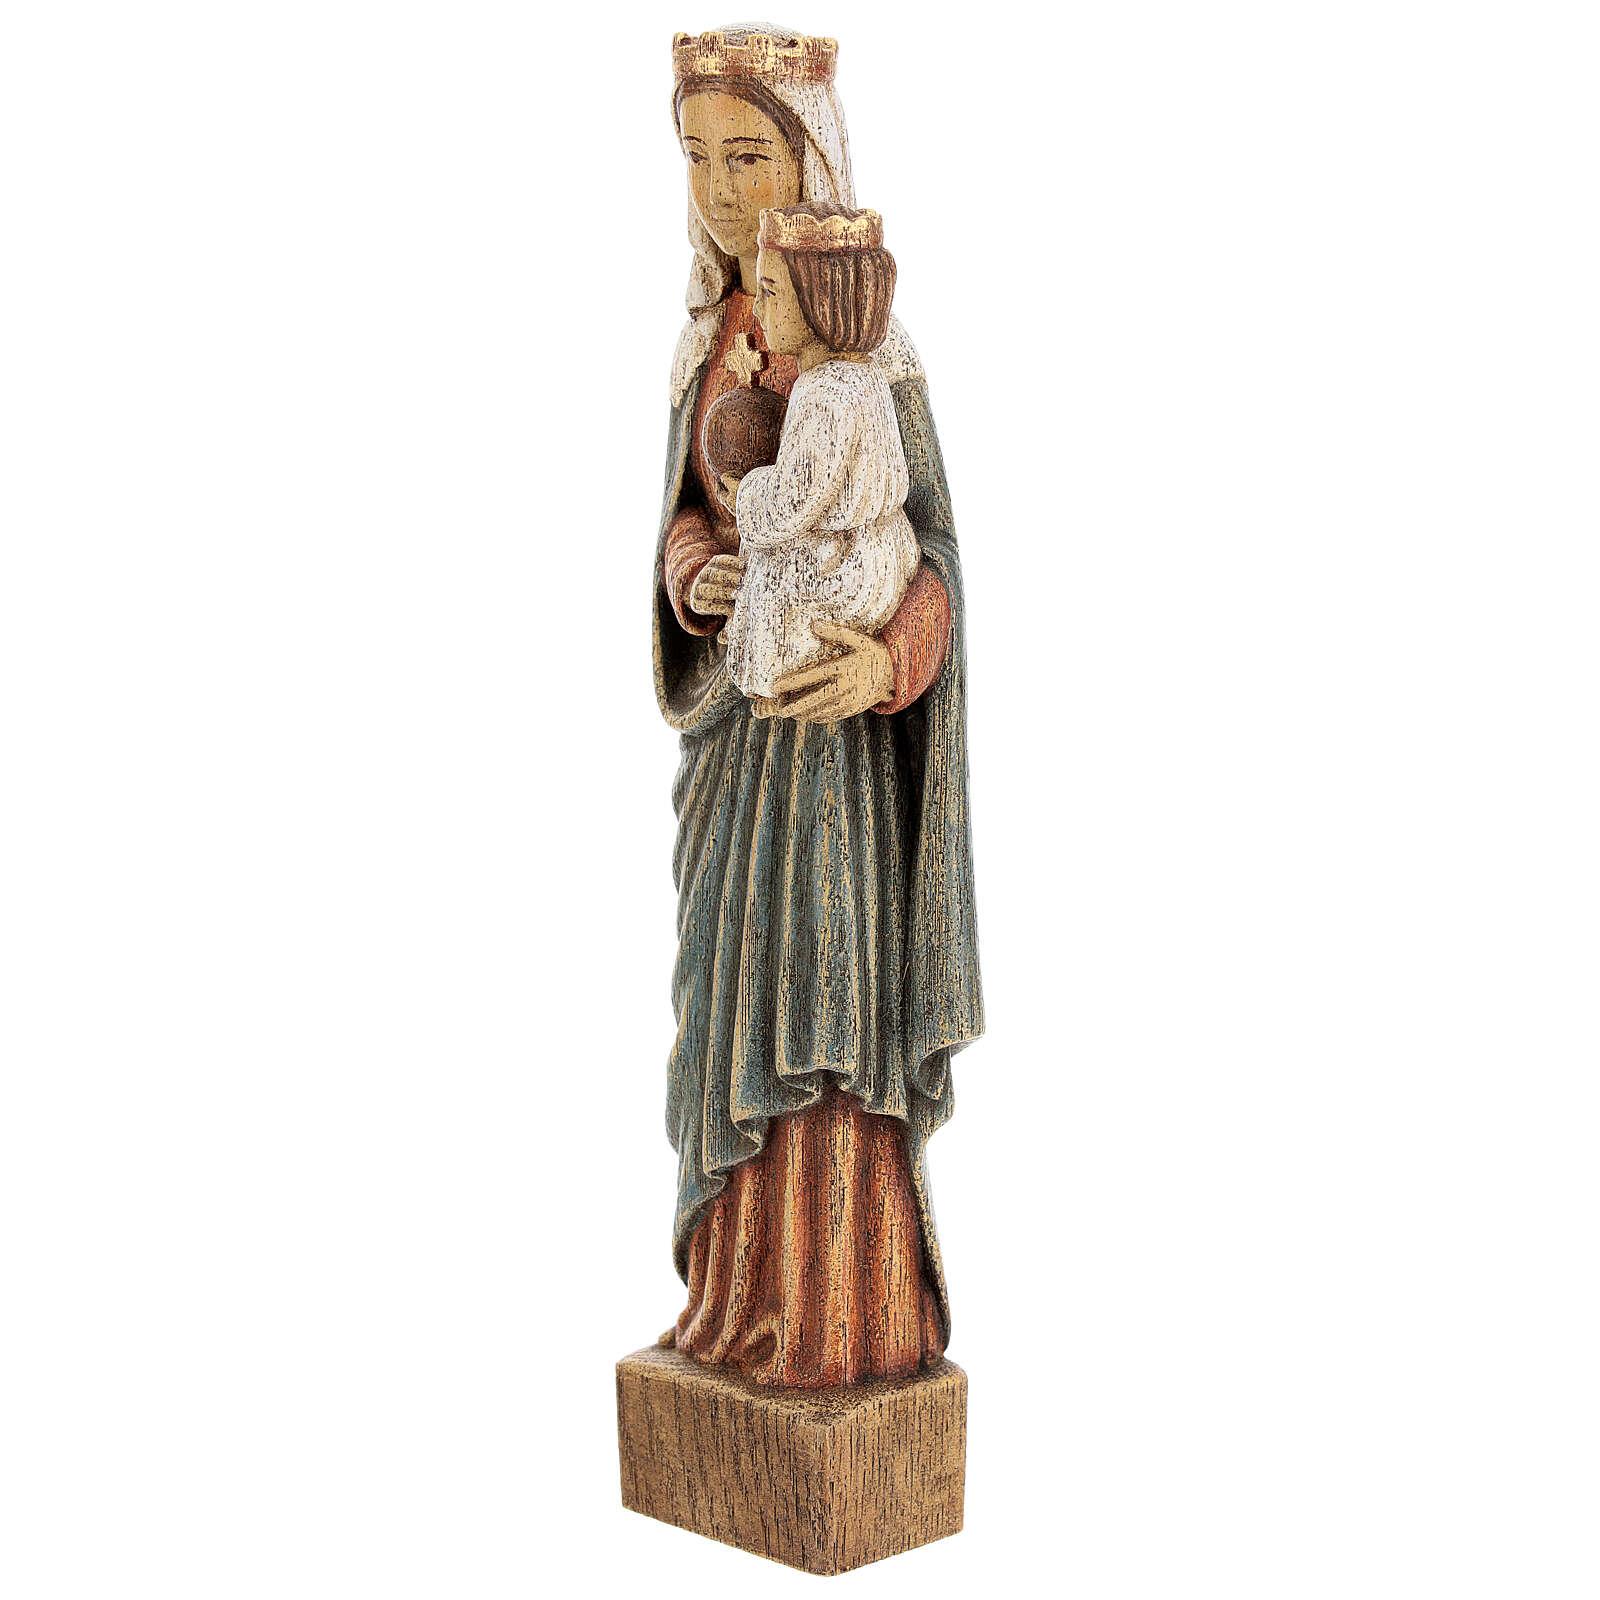 La Virgen Reina 4